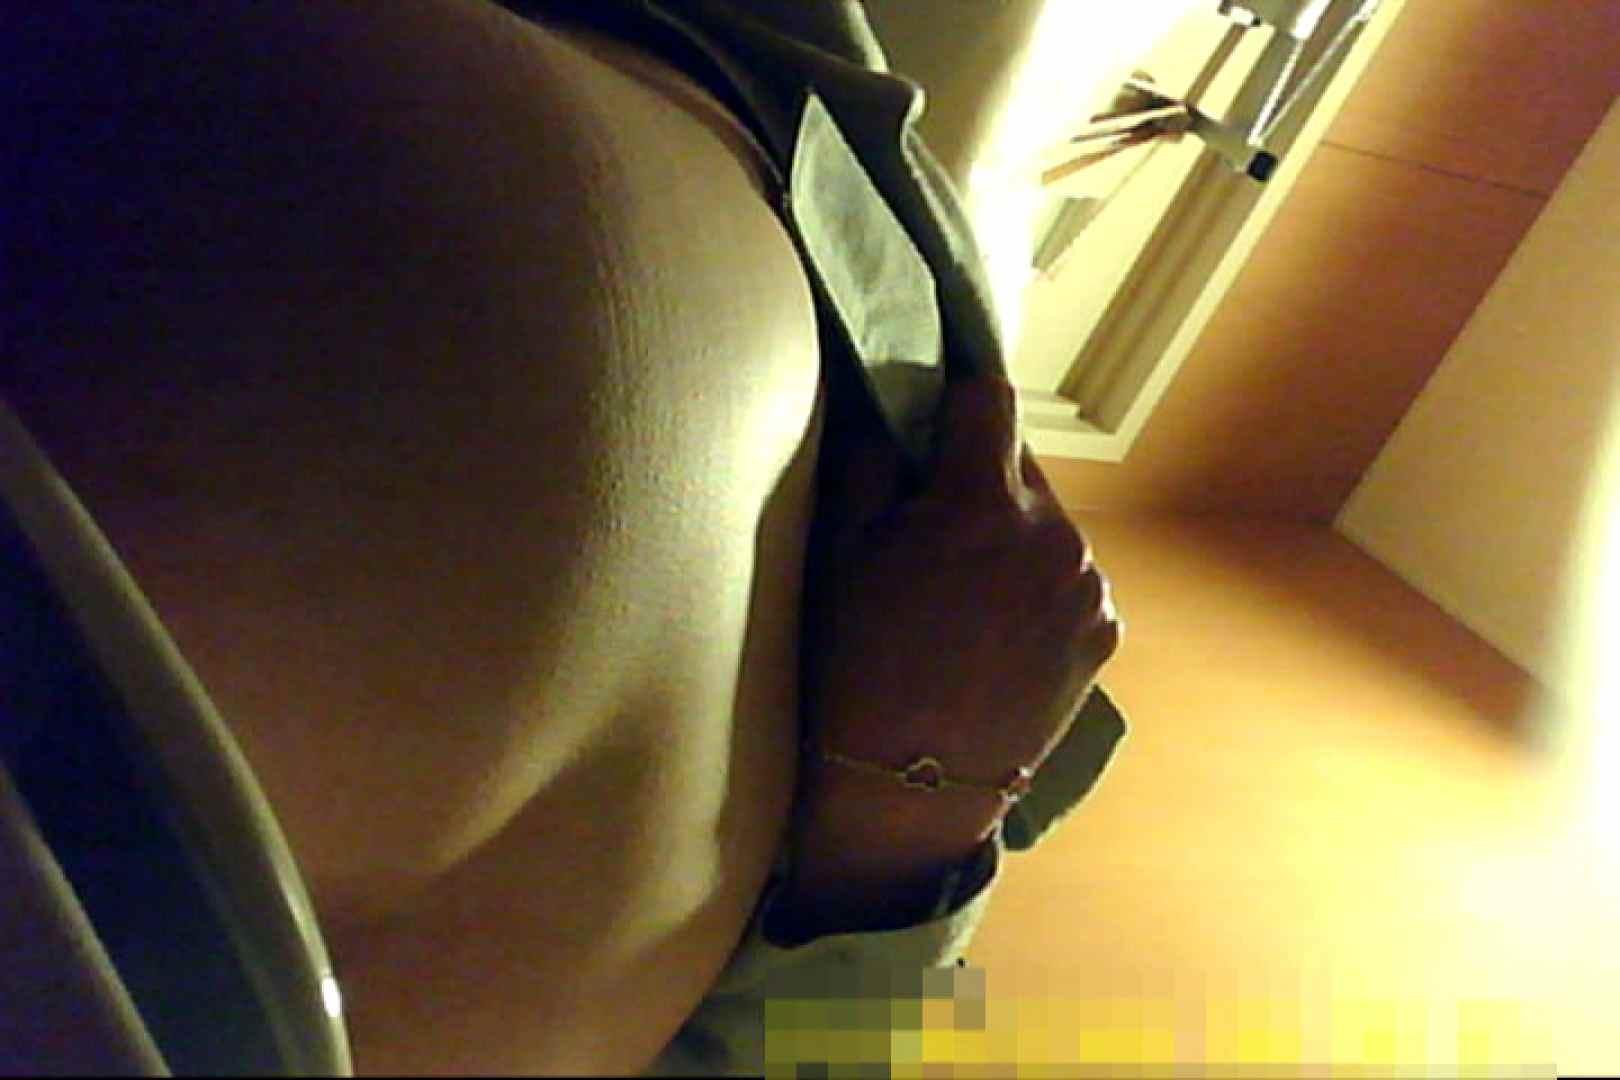 魅惑の化粧室~禁断のプライベート空間~29 プライベート  74連発 41